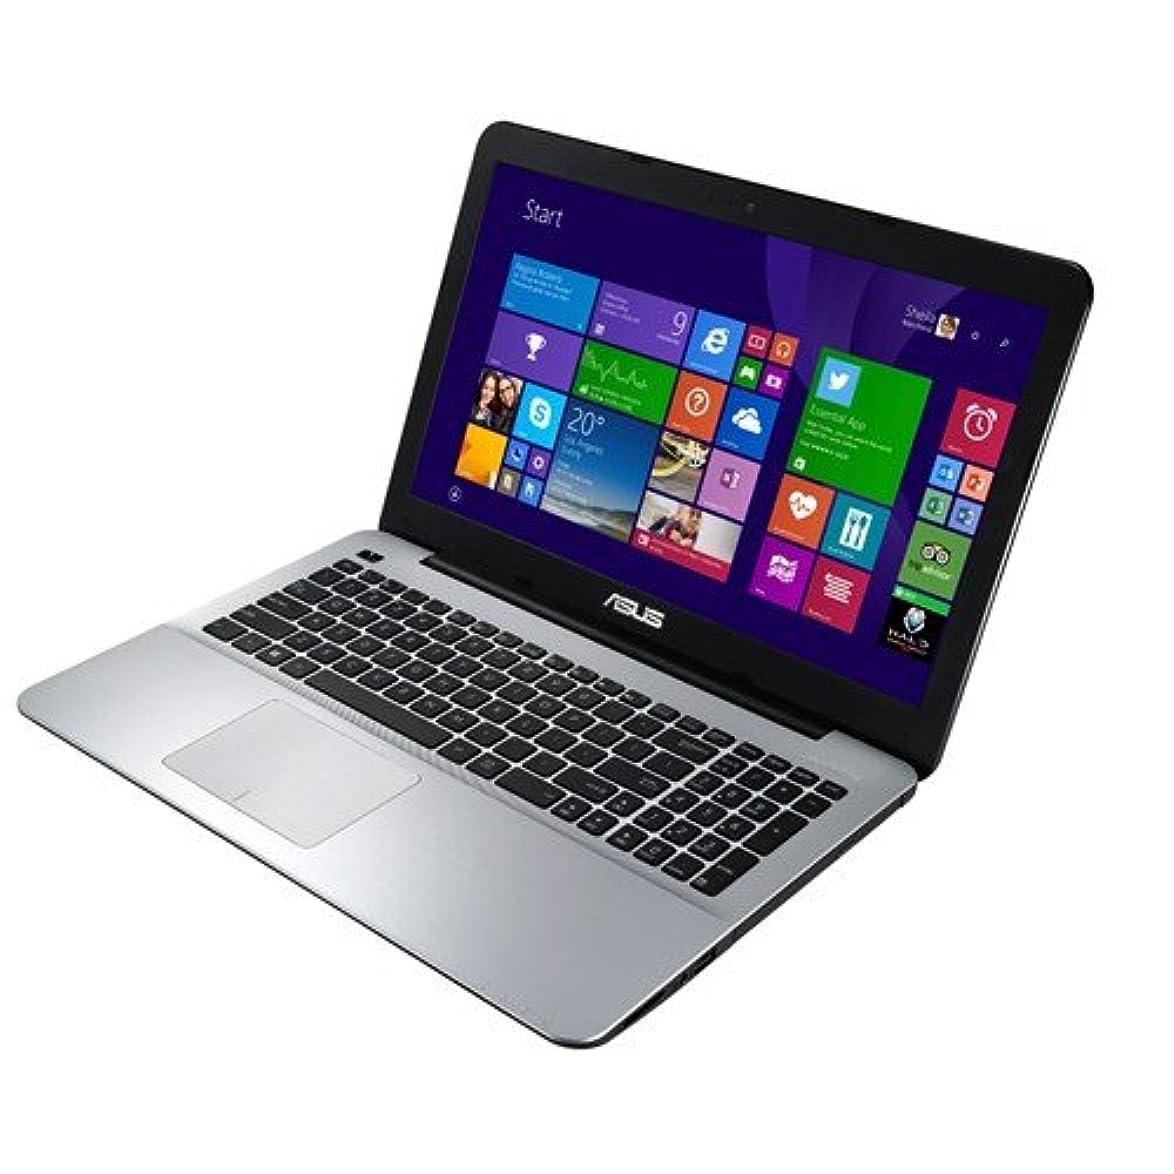 衣服アンタゴニスト円周ASUS X555LA-5500U Windows8.1 Corei7-5500U 8GB 1TB DVDスーパーマルチ 無線LAN IEEE802.11b/g/n webカメラ HDMI USB3.0 SDカードスロット 10キー付キーボード 搭載 15.6型液晶ノートパソコン バッテリー駆動時間約6.3時間